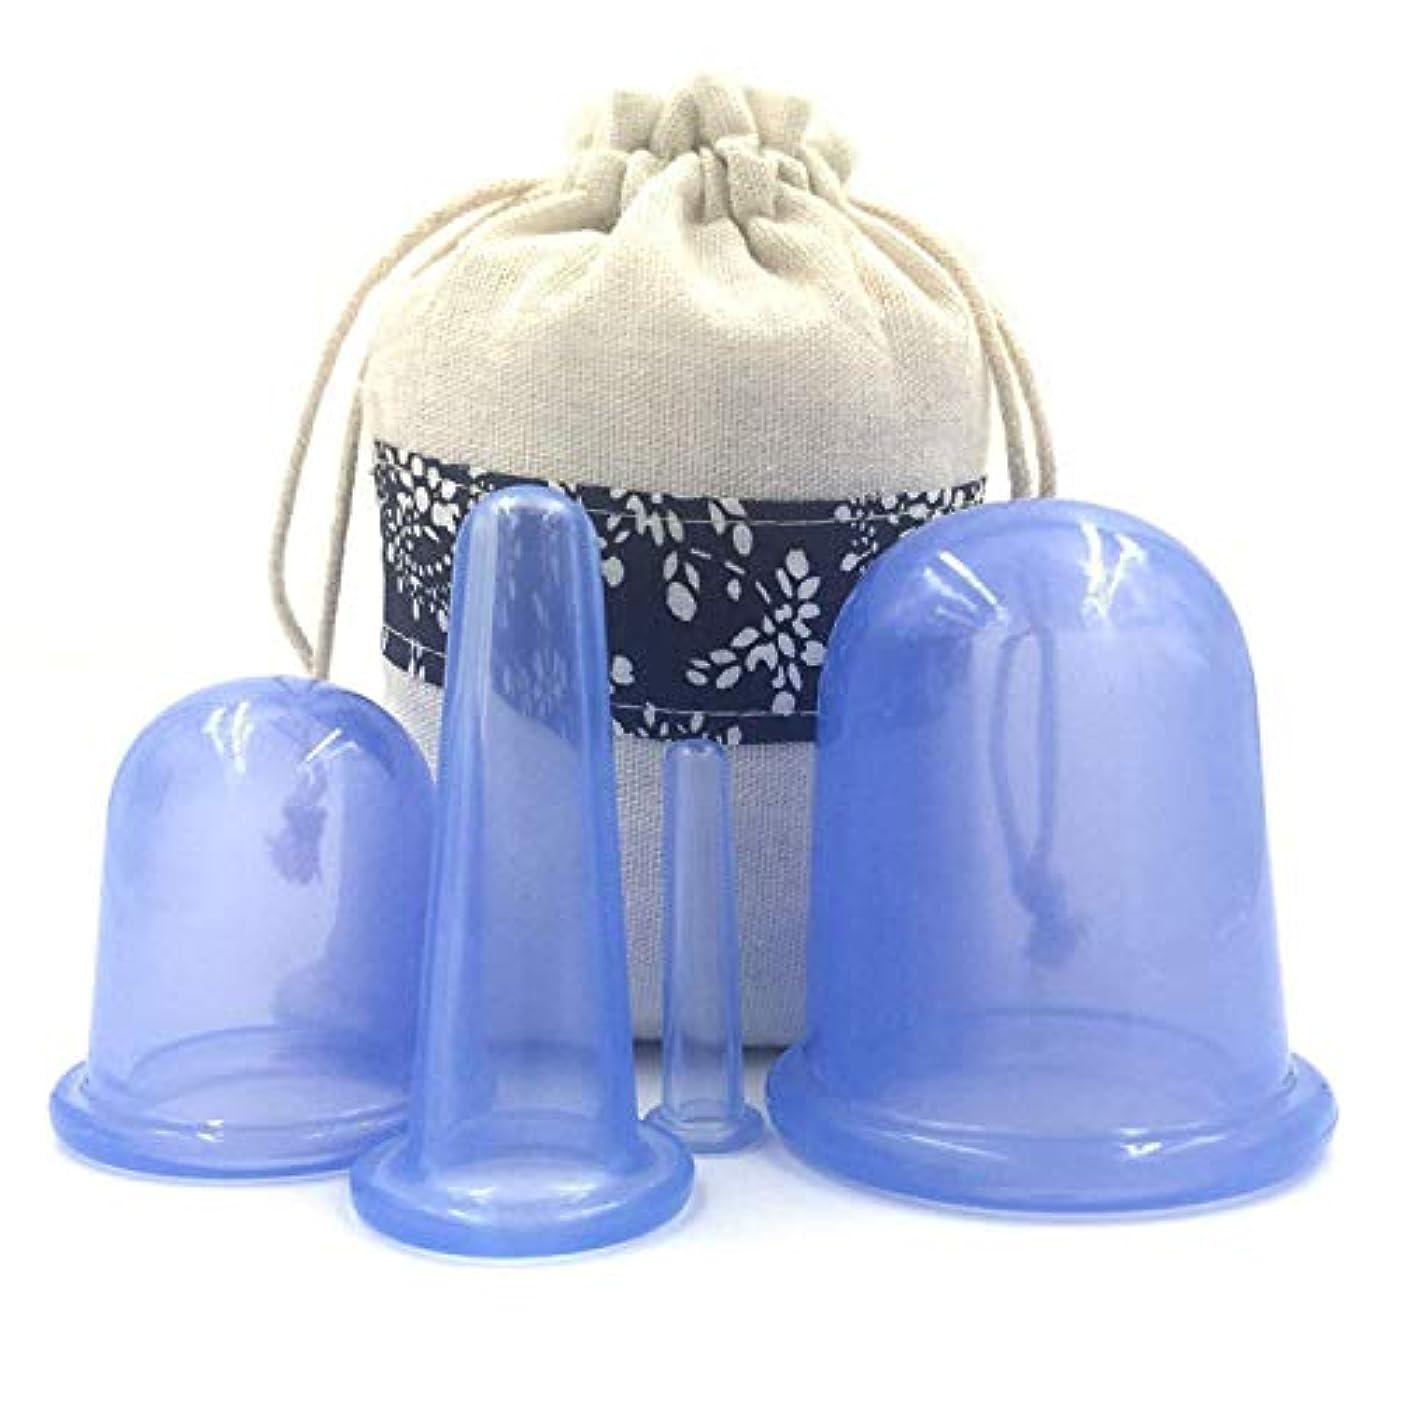 滴下二十ピニオンセルライトカッピング療法シリコーンカッピングセット家庭用水分カッピングカッピングマッサージカップ